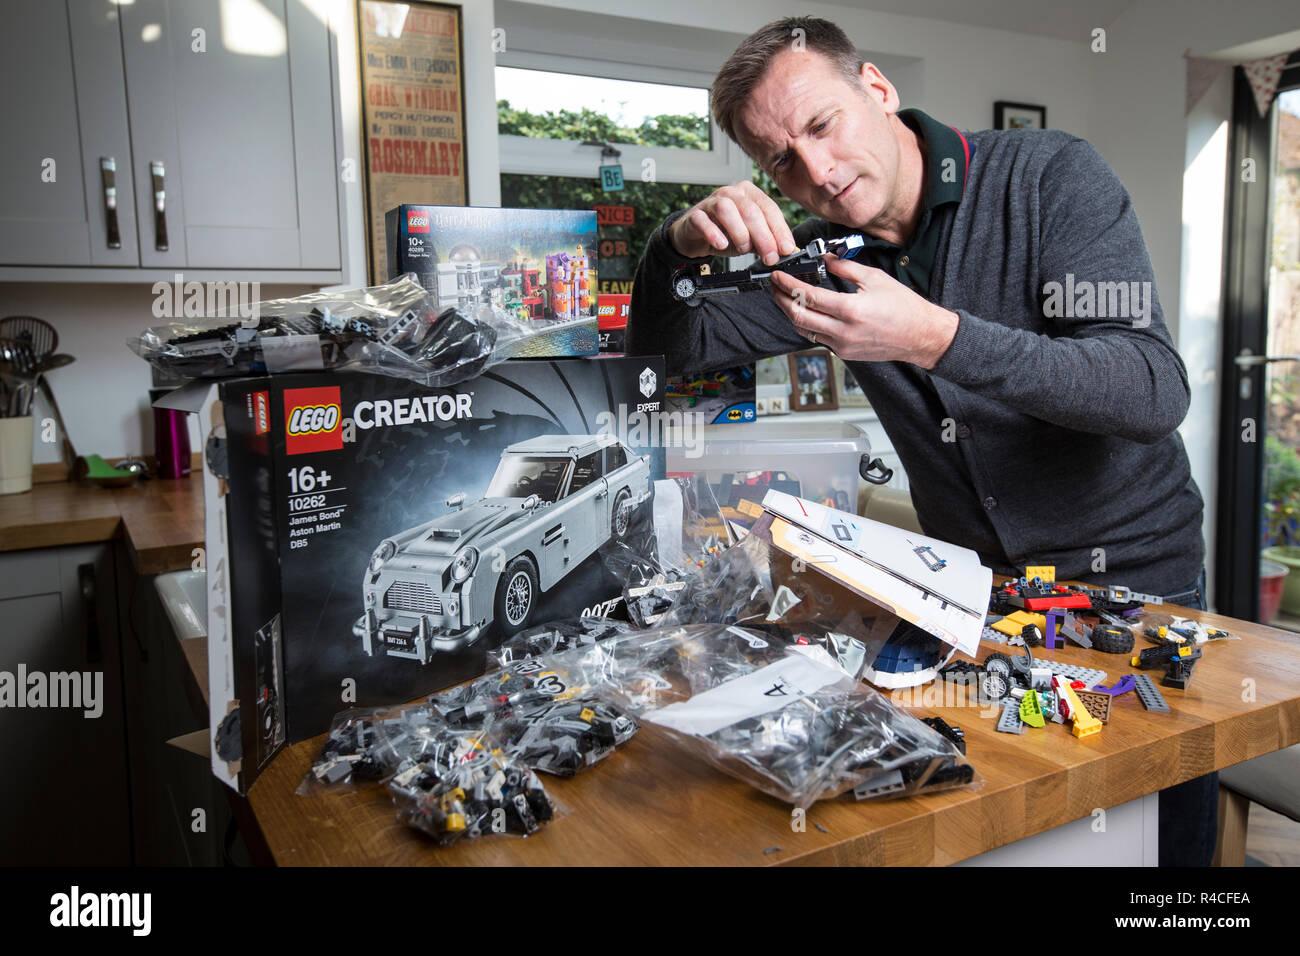 Uomo di mezza età costruzione Lego a casa in Inghilterra, come adulti sono ammettere alla dipendenza di Mattone di Edificio del fenomeno, Regno Unito. Immagini Stock